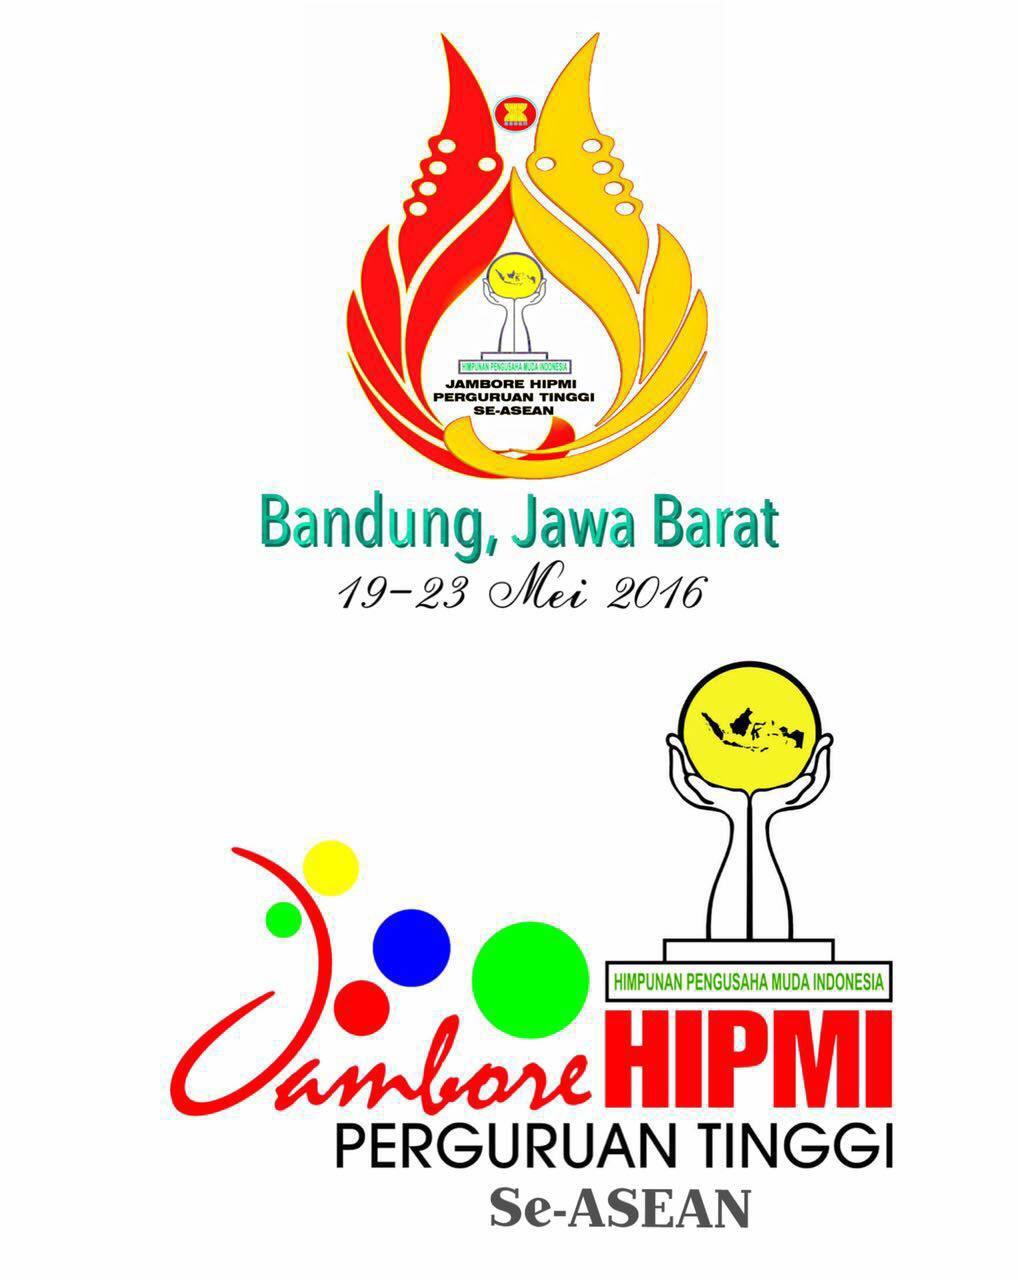 Menyiapkan Diri Hadapi MEA, Mahasiswa FEB UTS Ikuti Jambore HIPMI Perguruan Tinggi Se-ASEAN